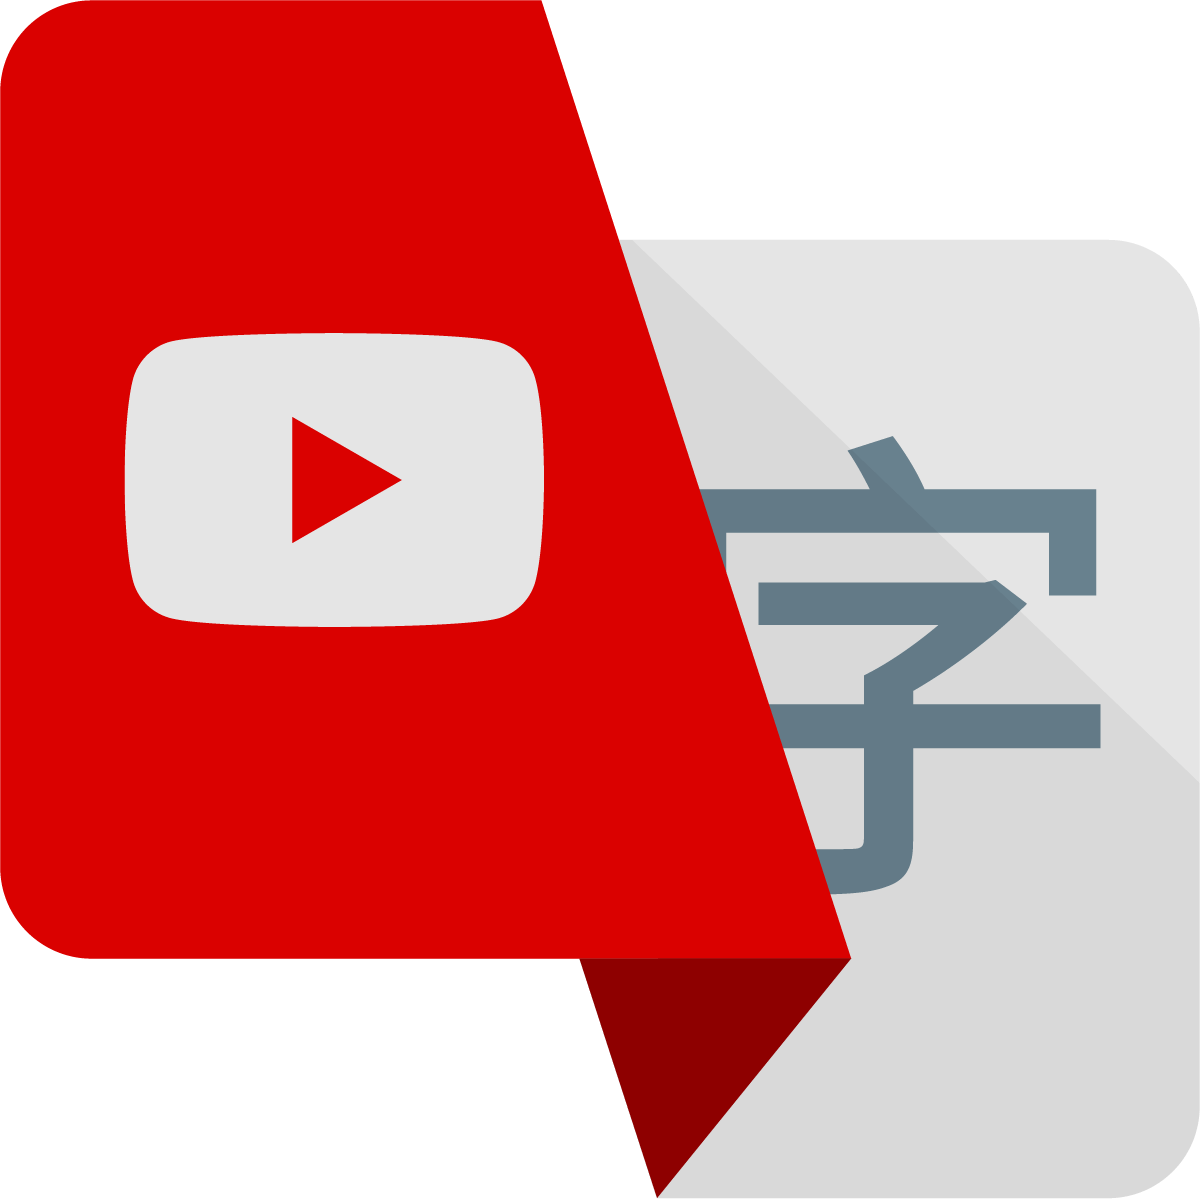 用Google A.I. 把 YouTube 視頻的語音內容轉成文字